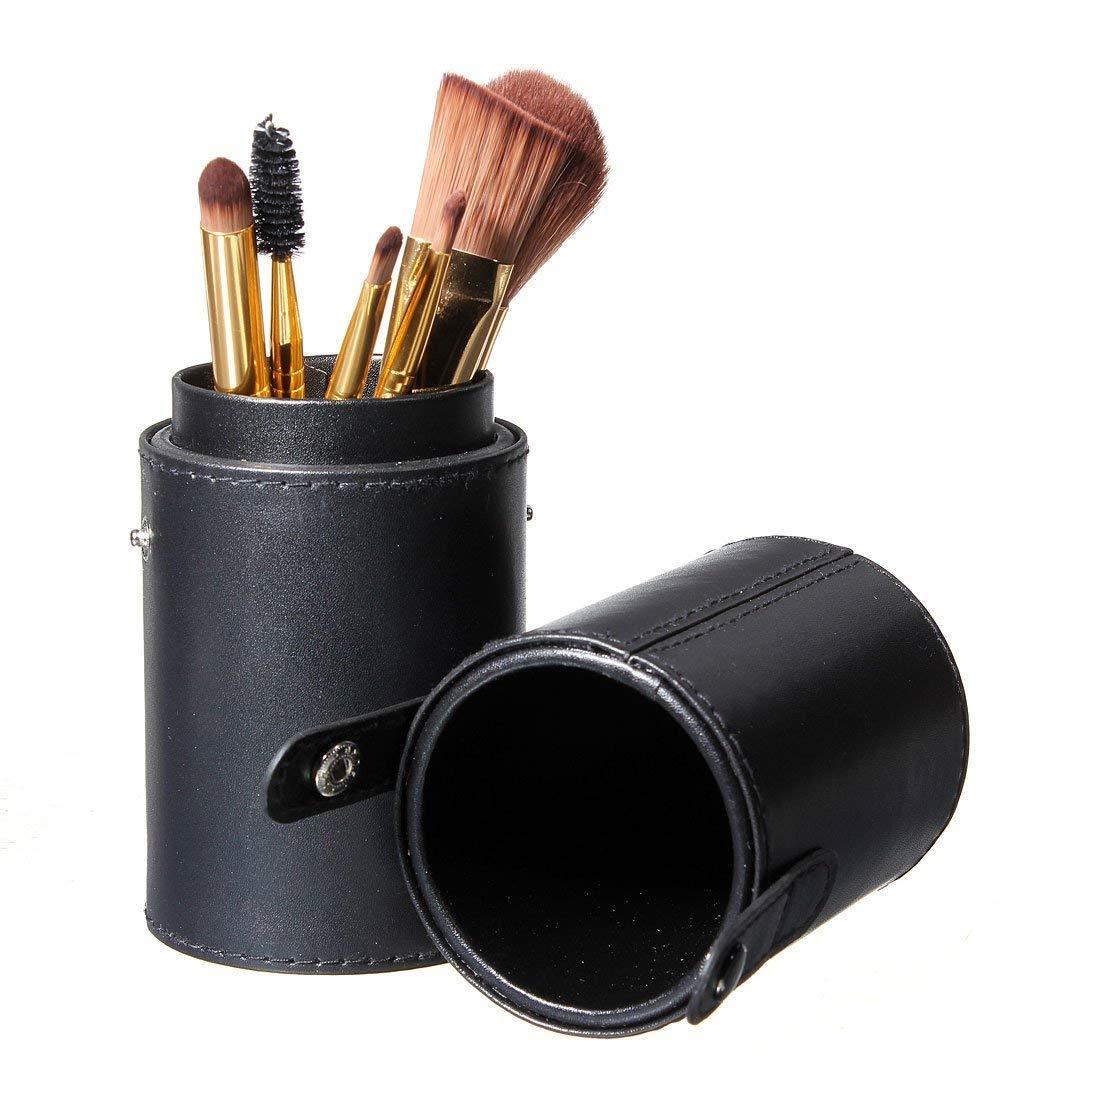 Caja organizadora de brochas de maquillaje de piel sintética, estuche para cosméticos, pinceles de maquillaje, lápices, organizador de copas, caja de almacenamiento vacía, color negro Rocita